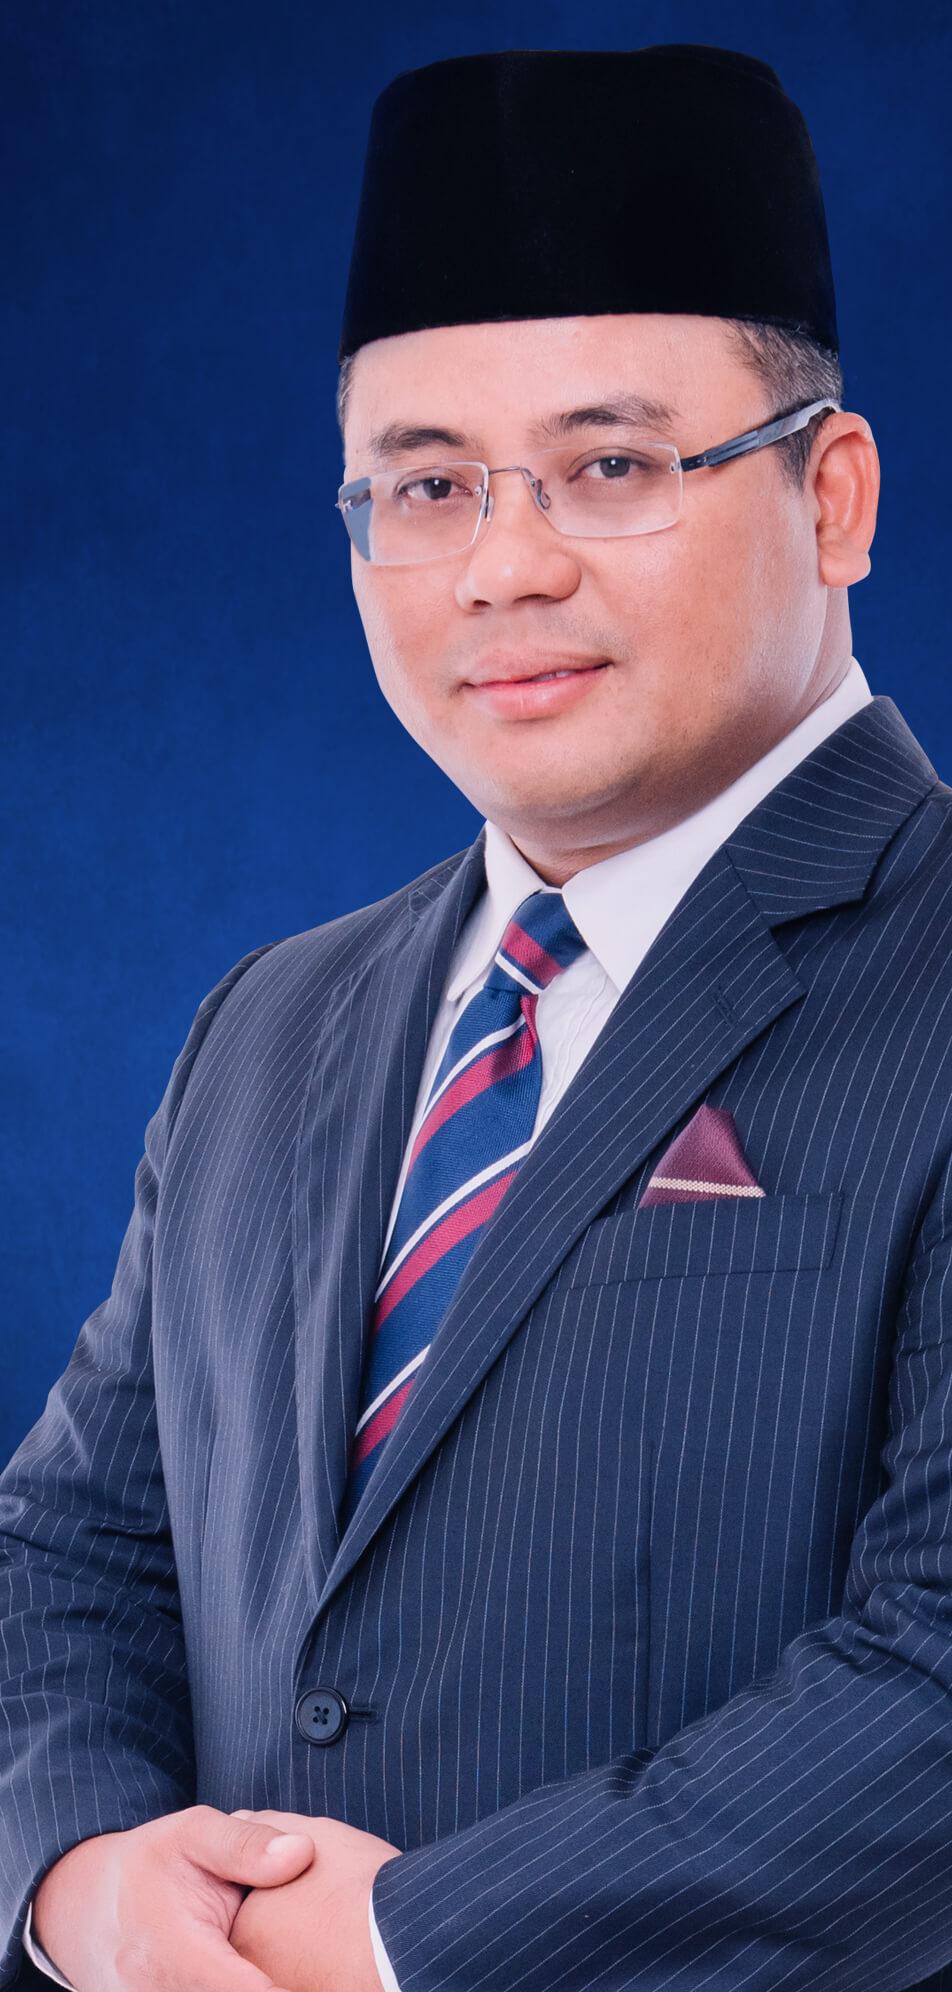 YAB Dato' Seri Amirudin Bin Shari